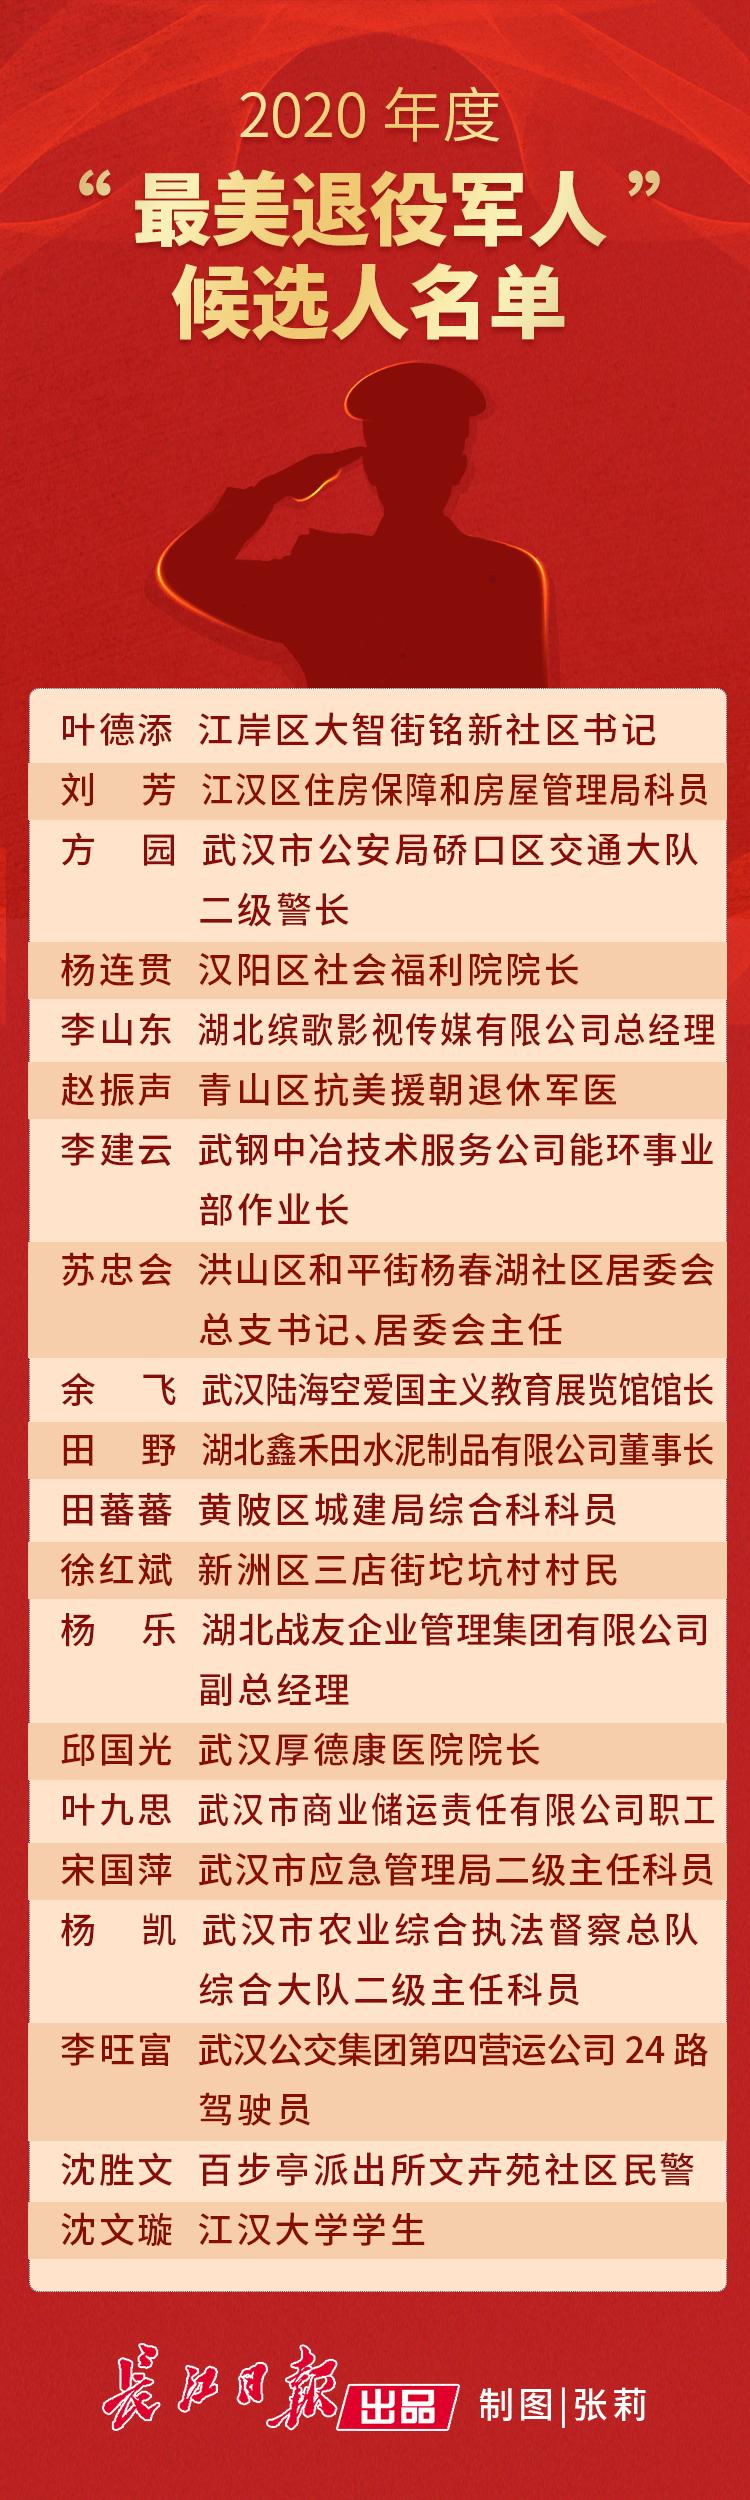 http://www.edaojz.cn/xiuxianlvyou/875663.html